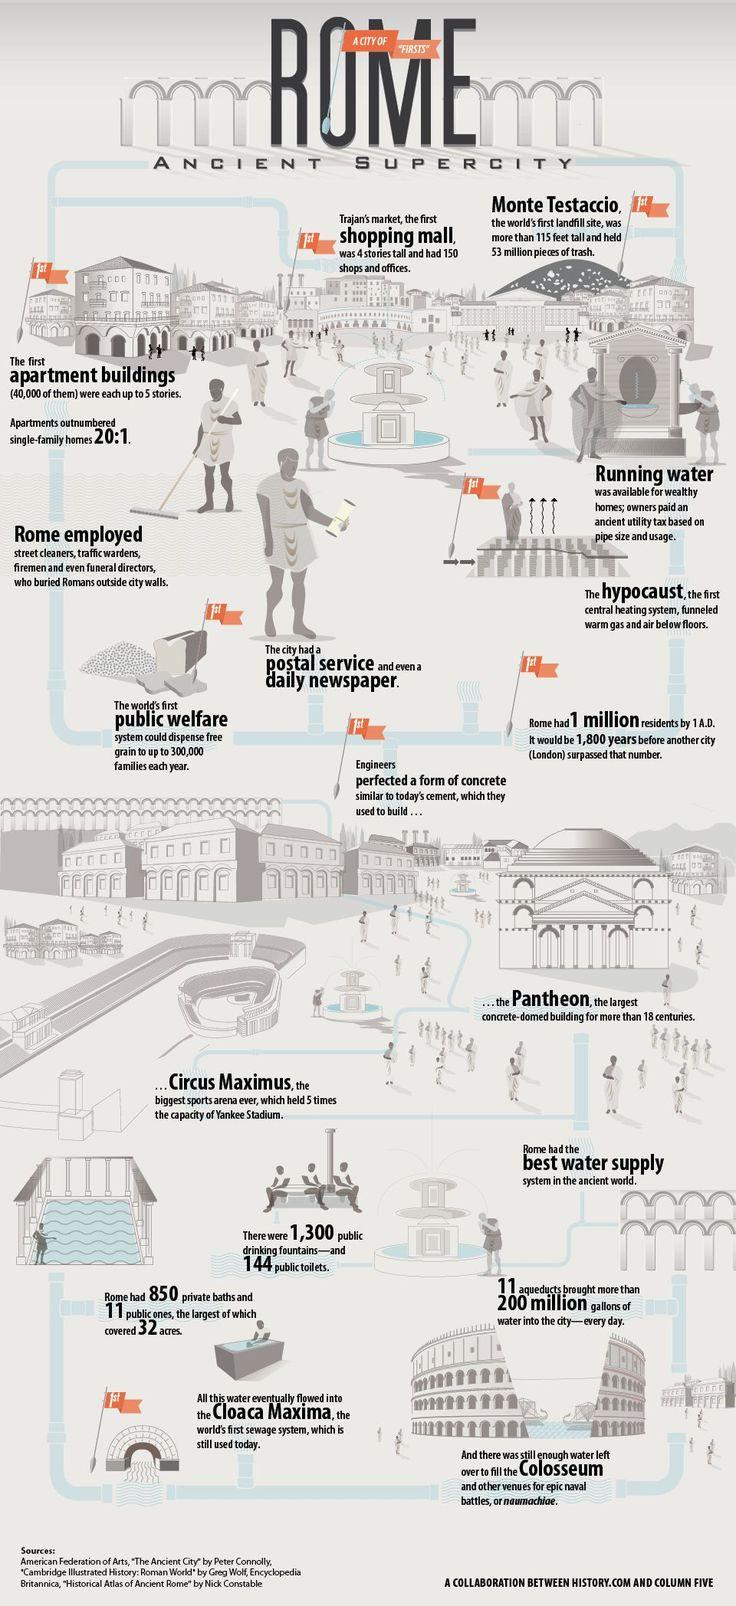 Datos de la ciudad eterna, la antigua Roma #Infografia #Historia